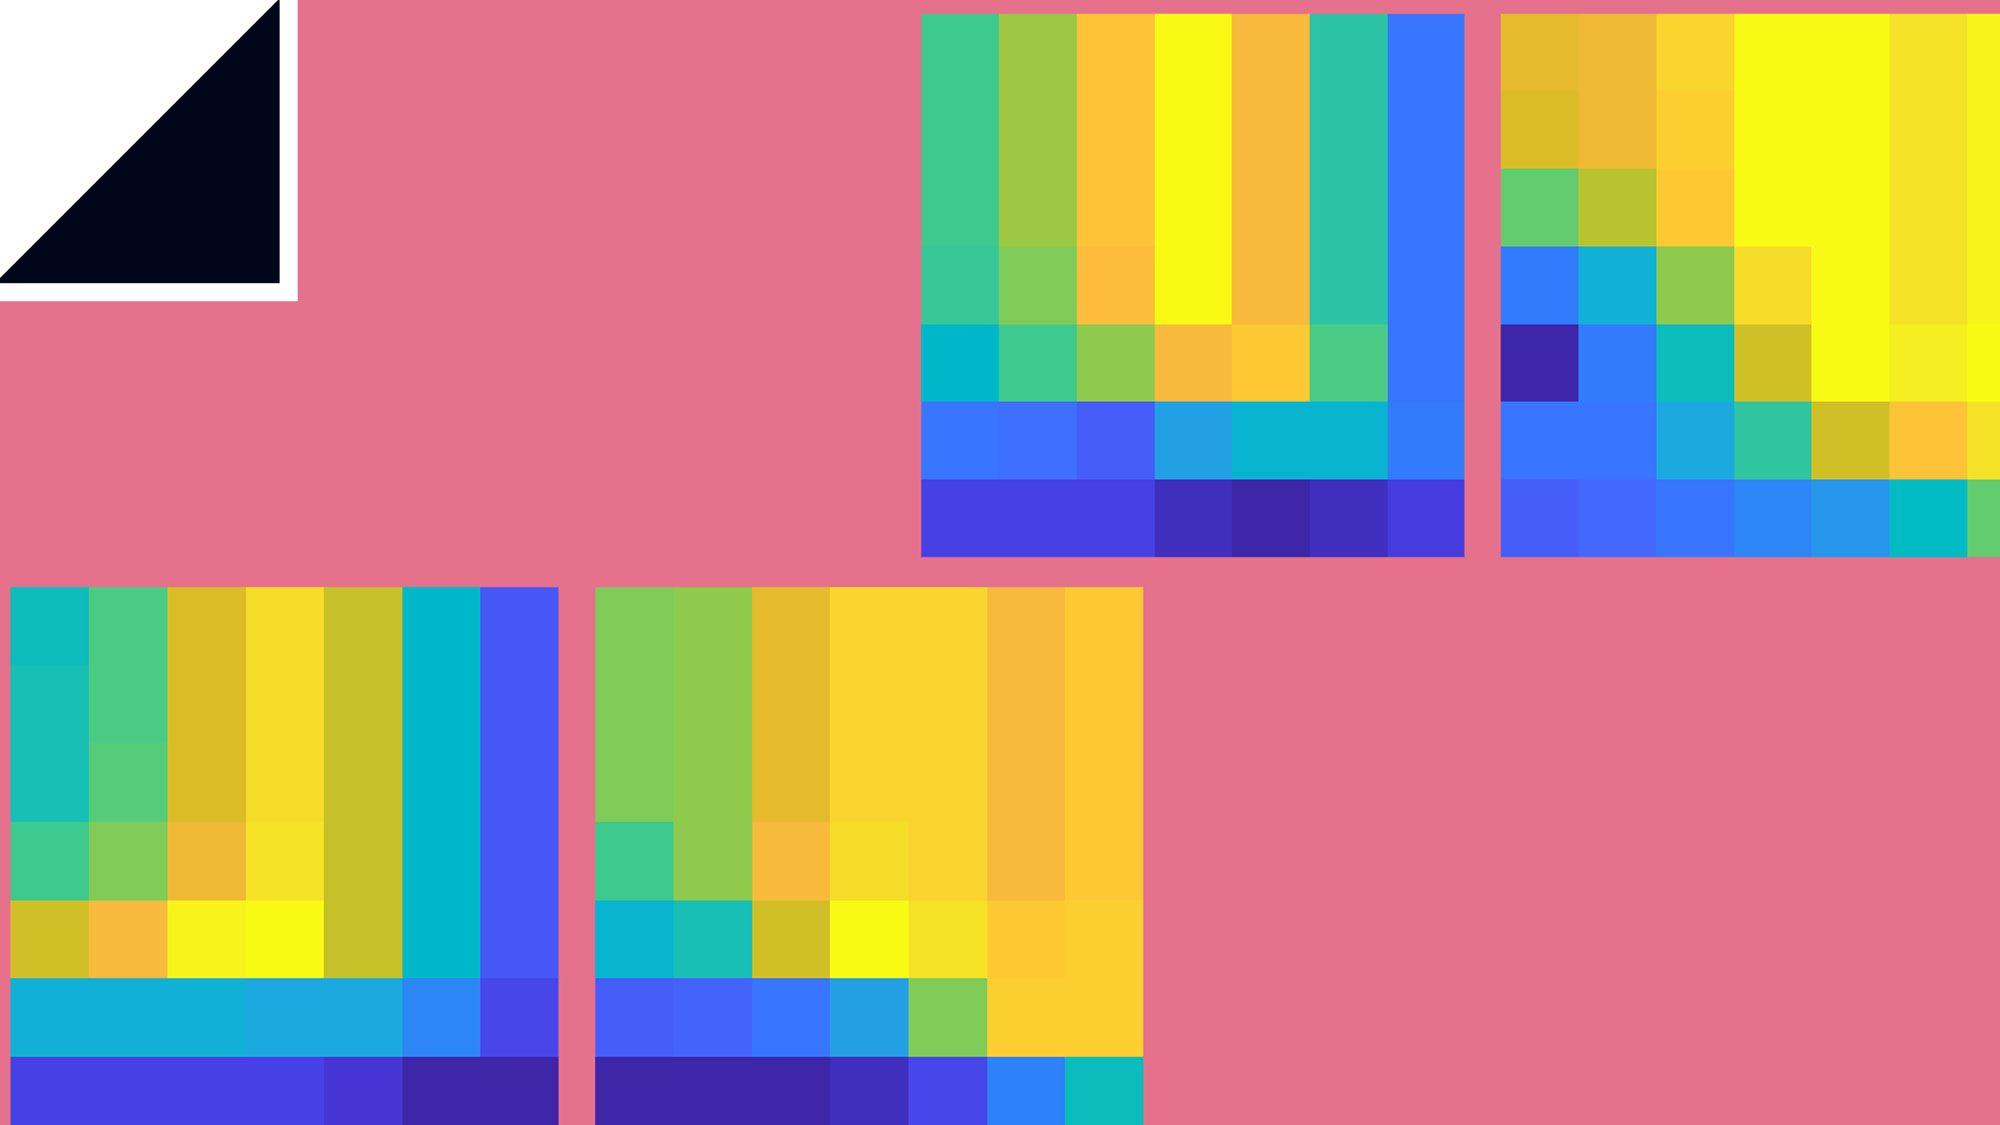 電磁波の「最後の死角」 テラヘルツ波の可視化で新手法